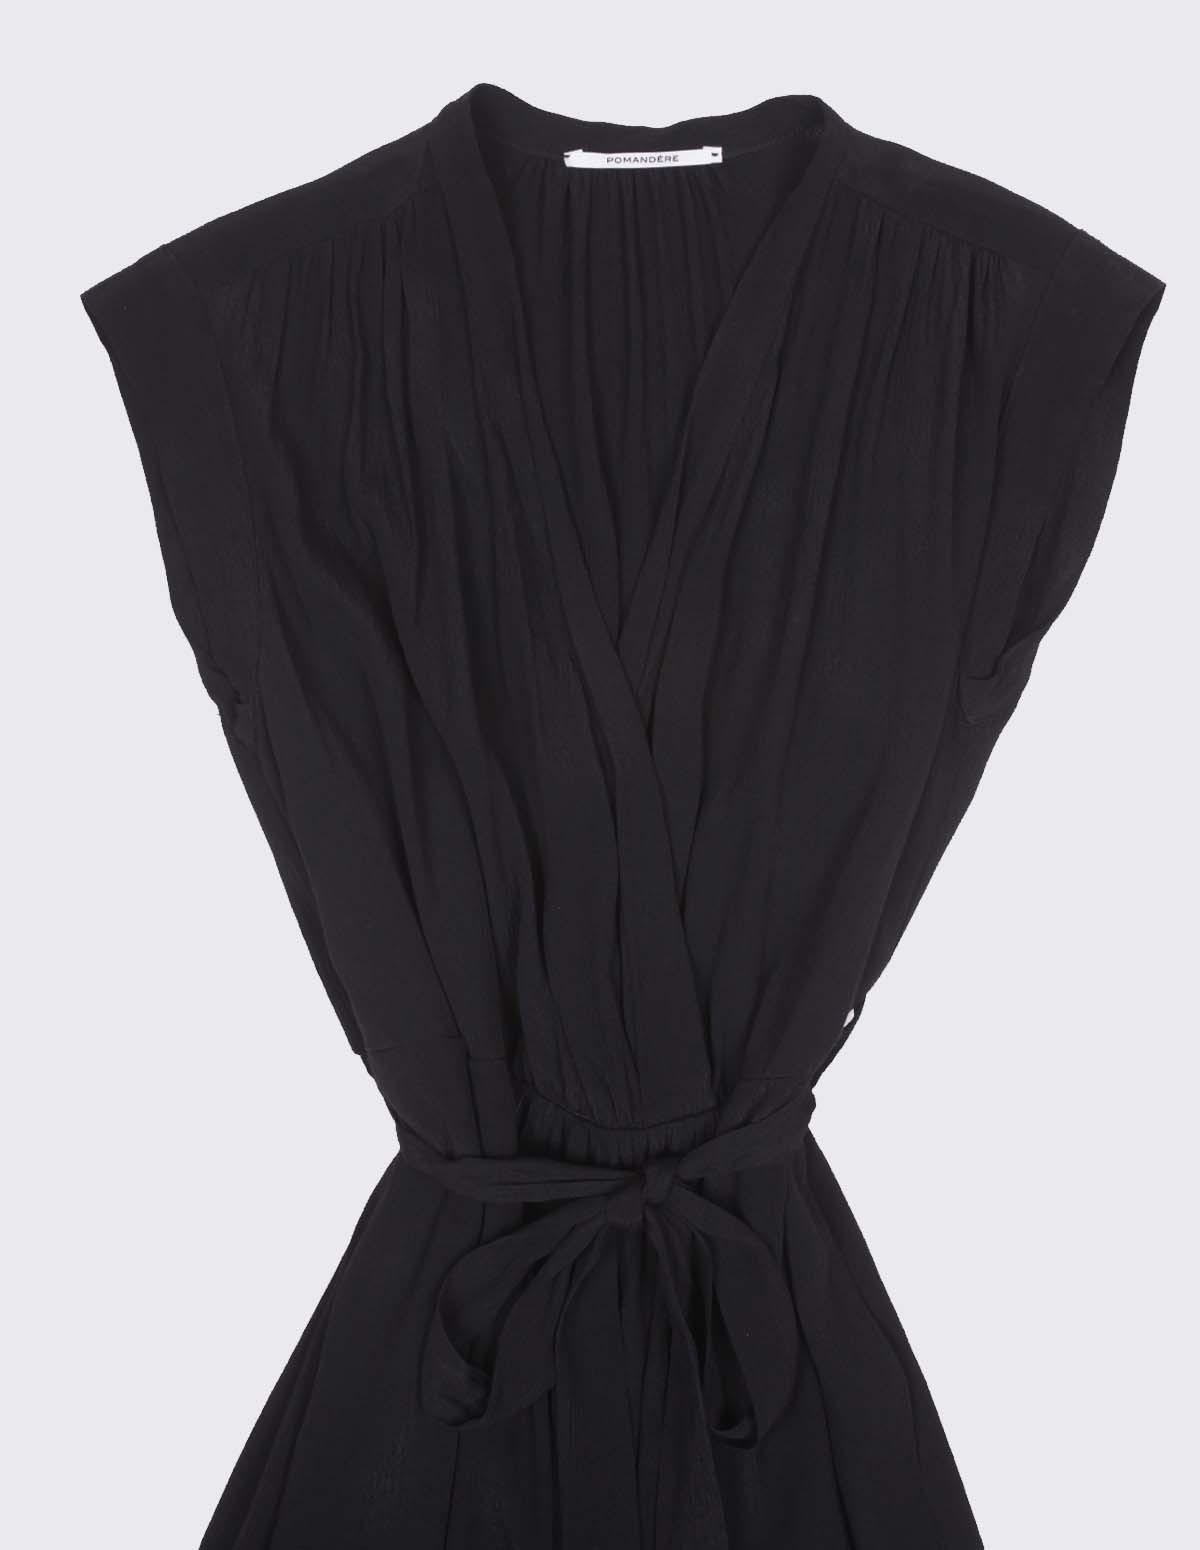 Pom 3193/20663 Dress